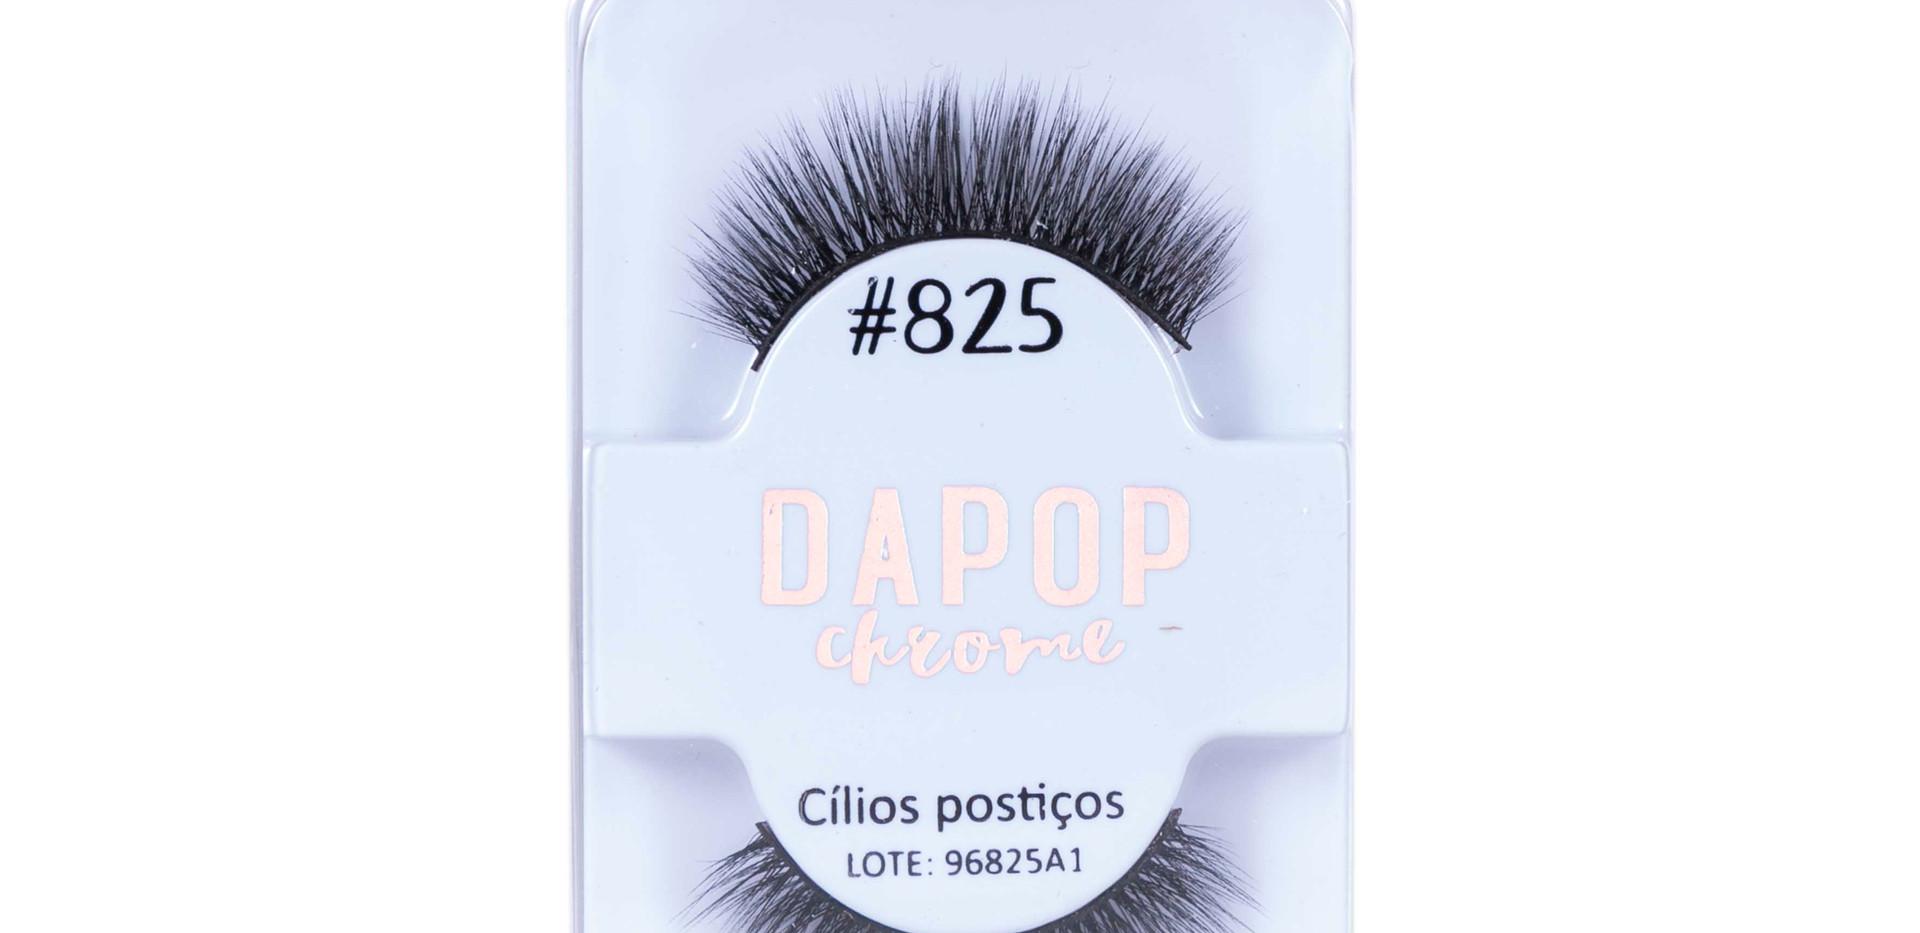 Cílios Postiços Premium #825 Dapop - HB96825 (2)